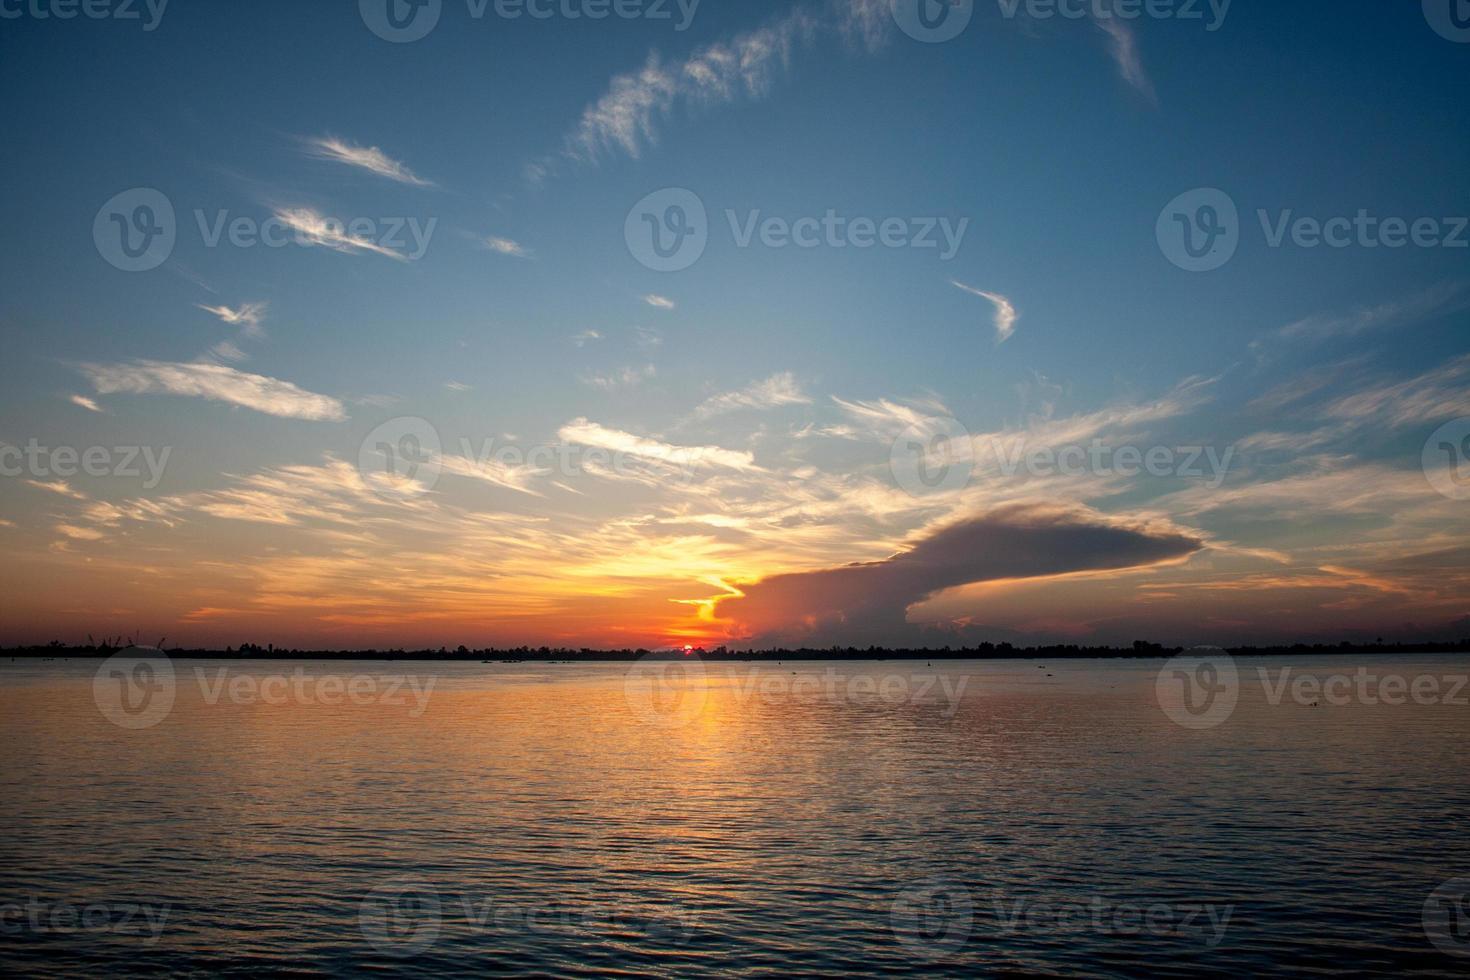 lever du soleil sur la rivière photo